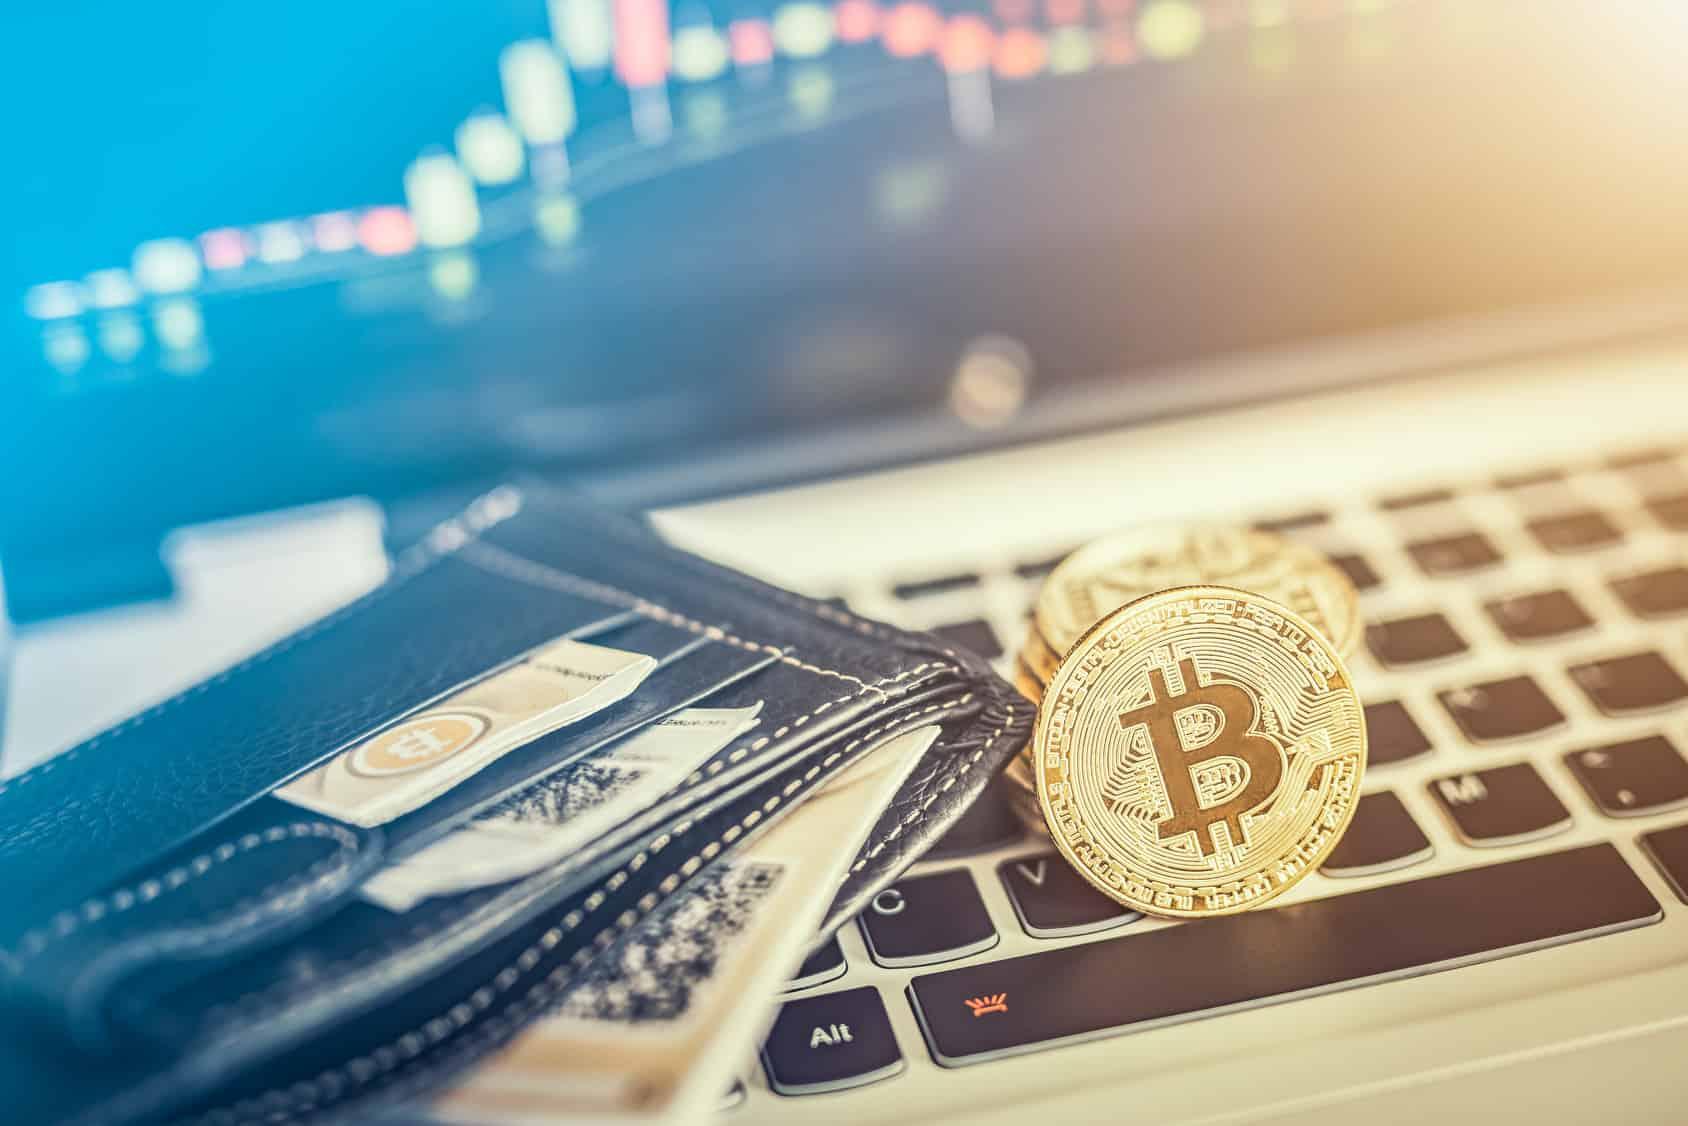 El bitcoin no tiene valor intrínseco, por el momento. Estamos ante una inversión especulativa que está pagando un rendimiento espectacular.